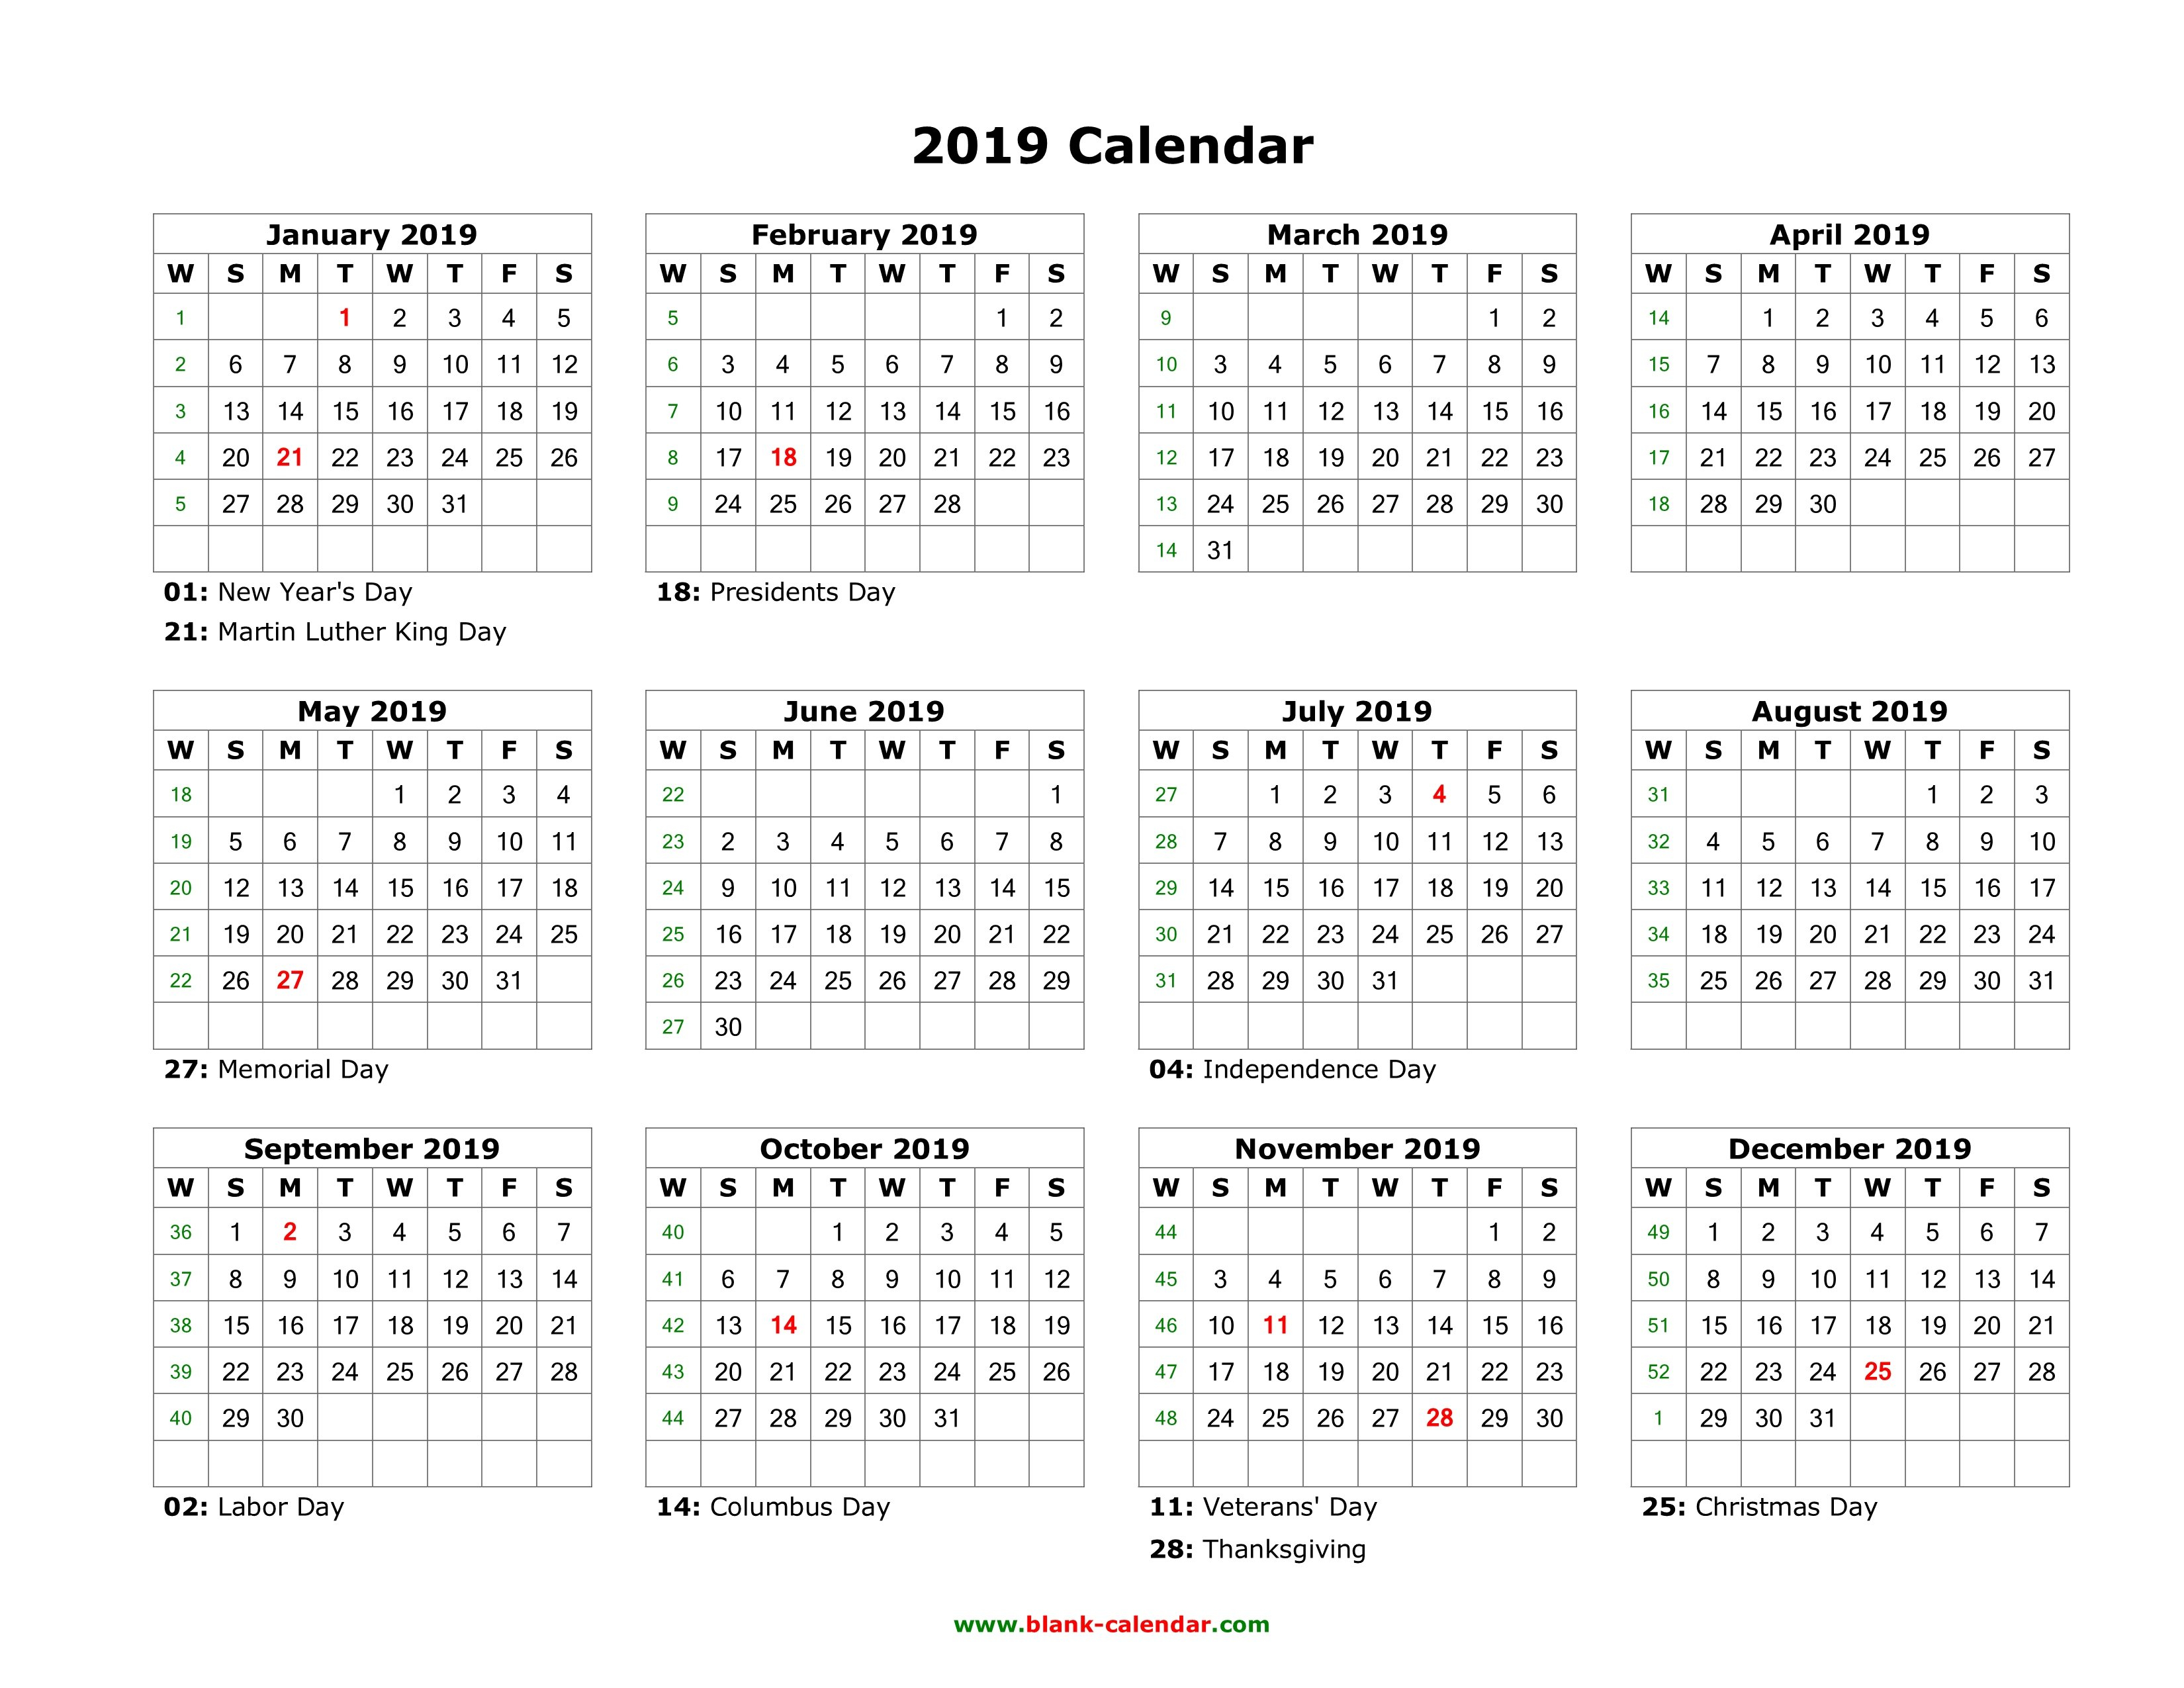 Blank Calendar 2019 | Free Download Calendar Templates Calendar 2019 Free Template